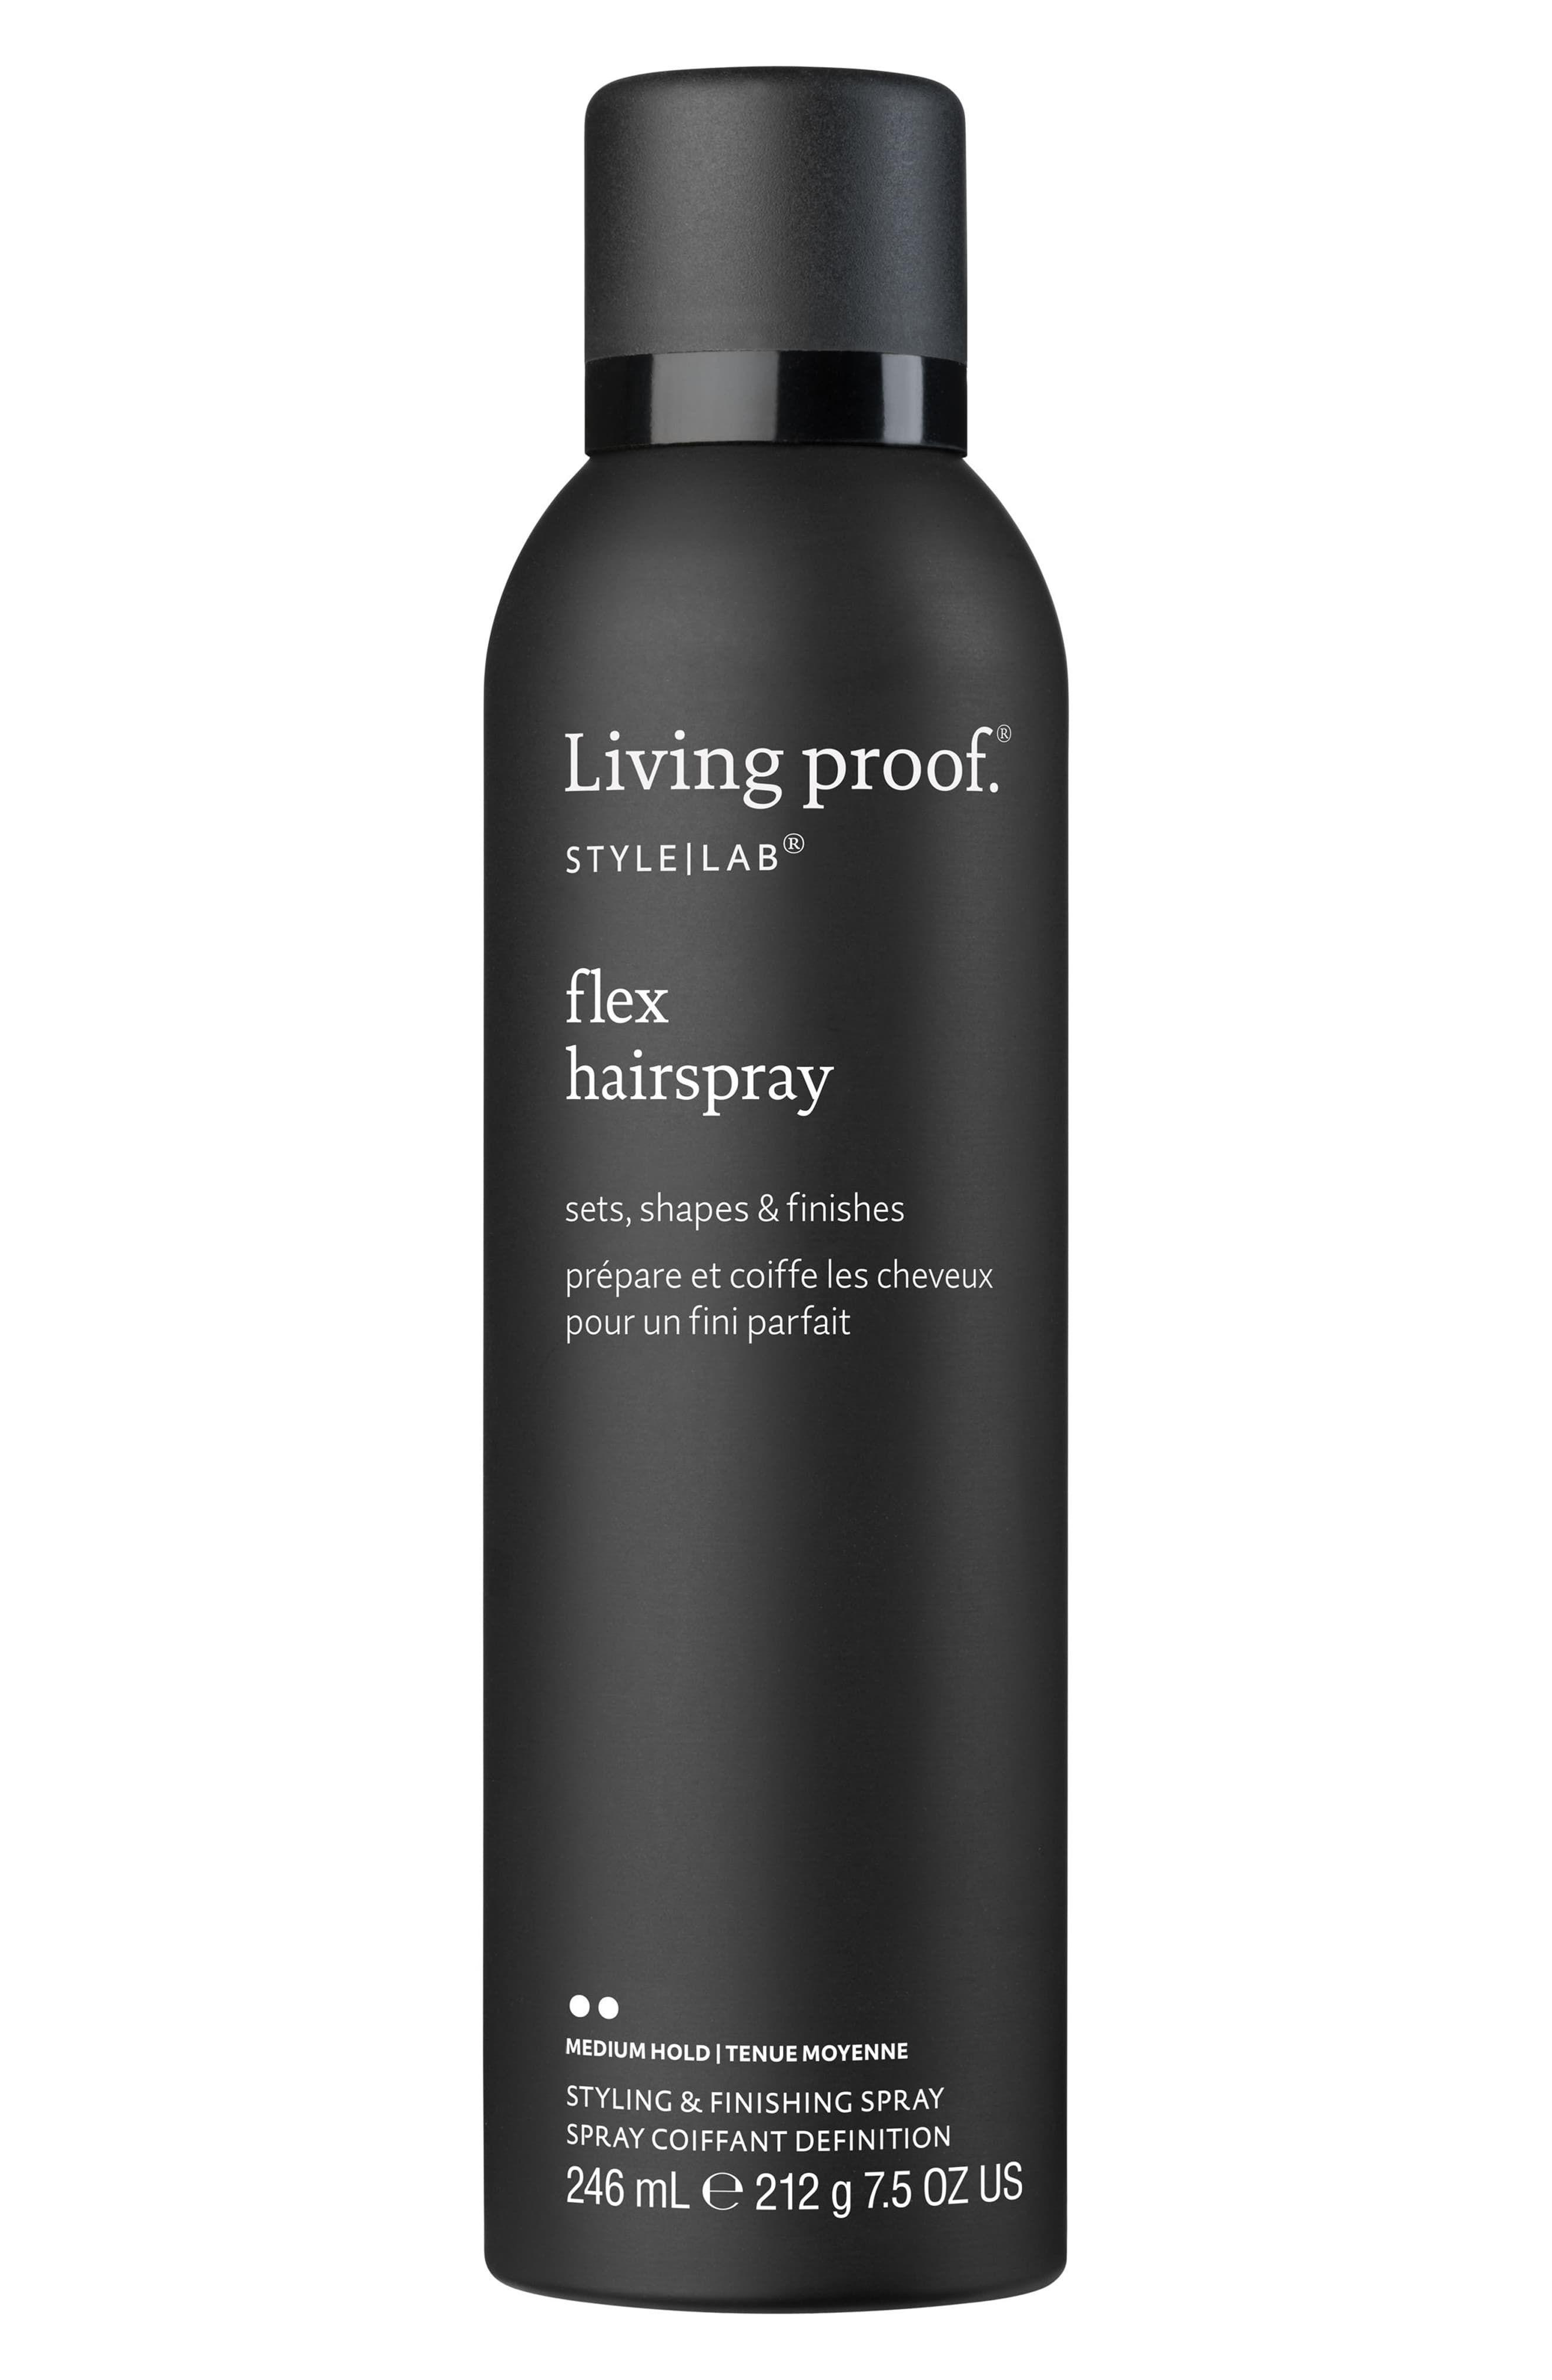 Living Proof Flex Hairspray Nordstrom In 2021 Hairspray Damp Hair Styles Dry Hair